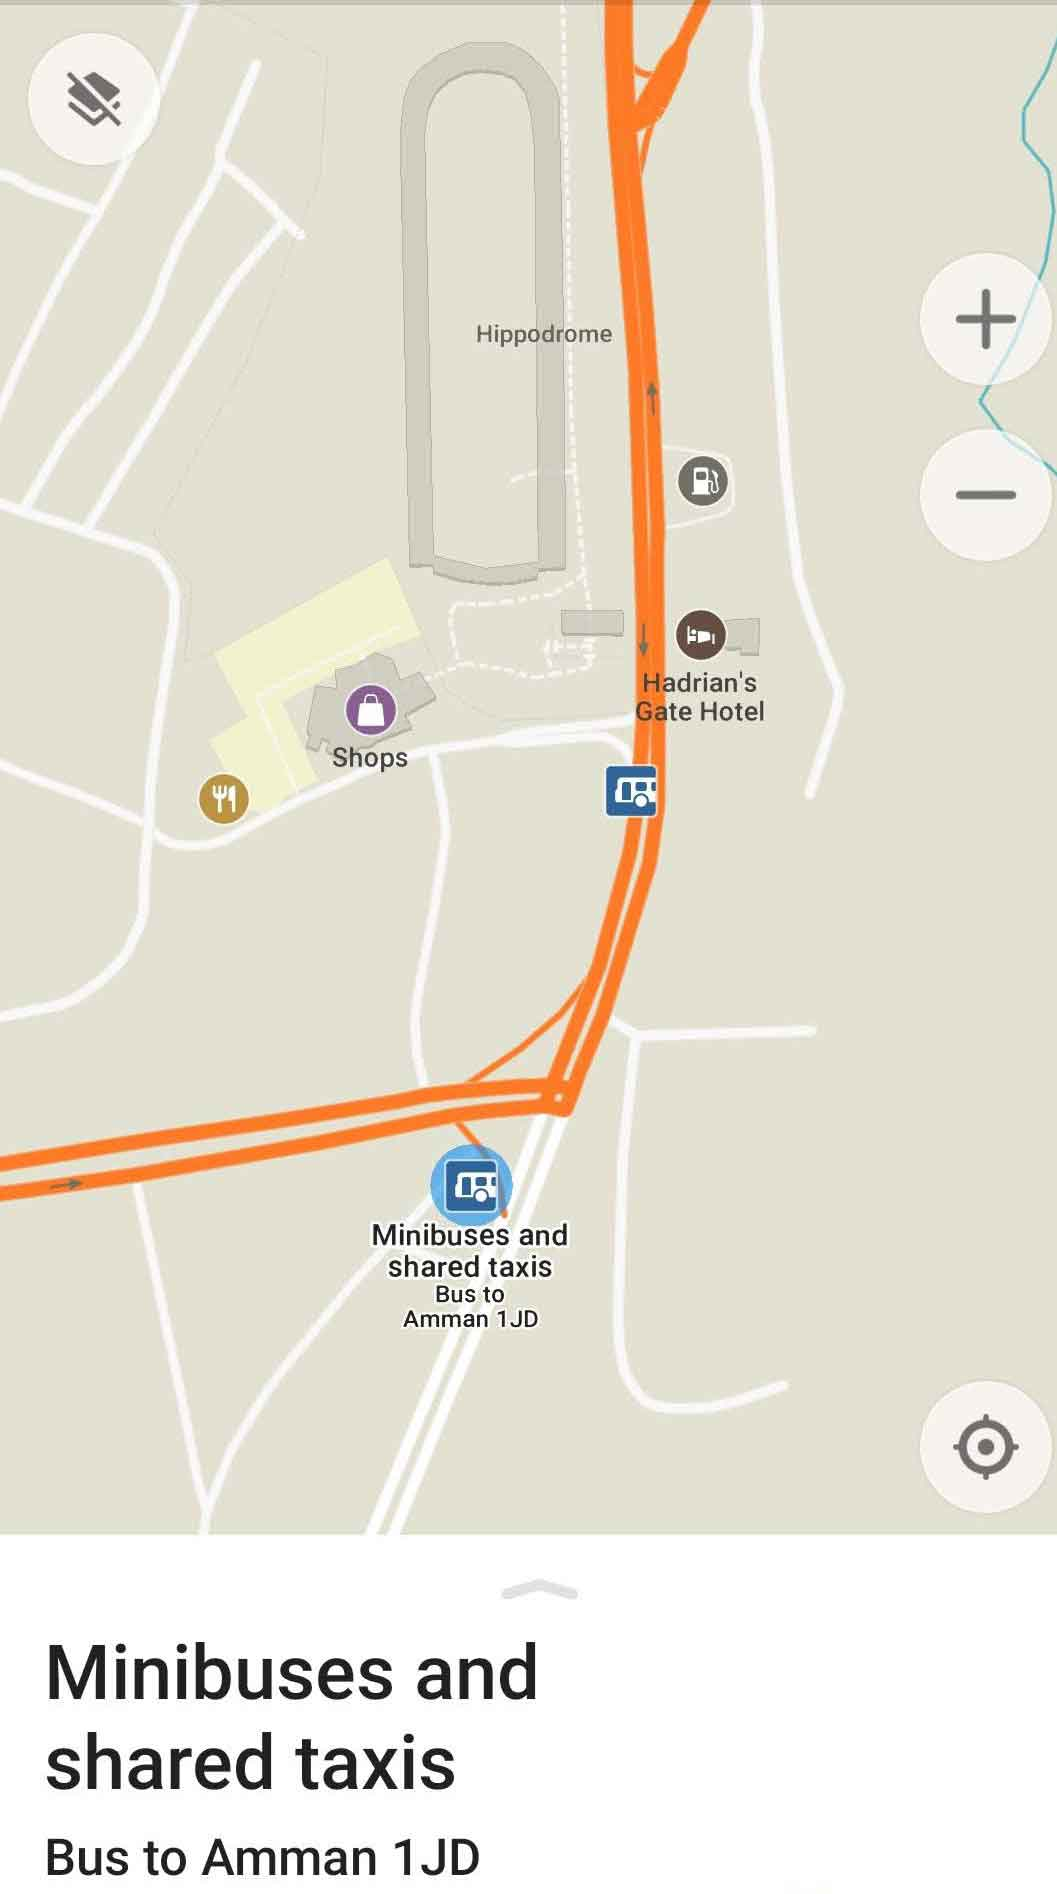 Mapa con la parada de minibuses y taxis compartidos entre Ammán y Jerash